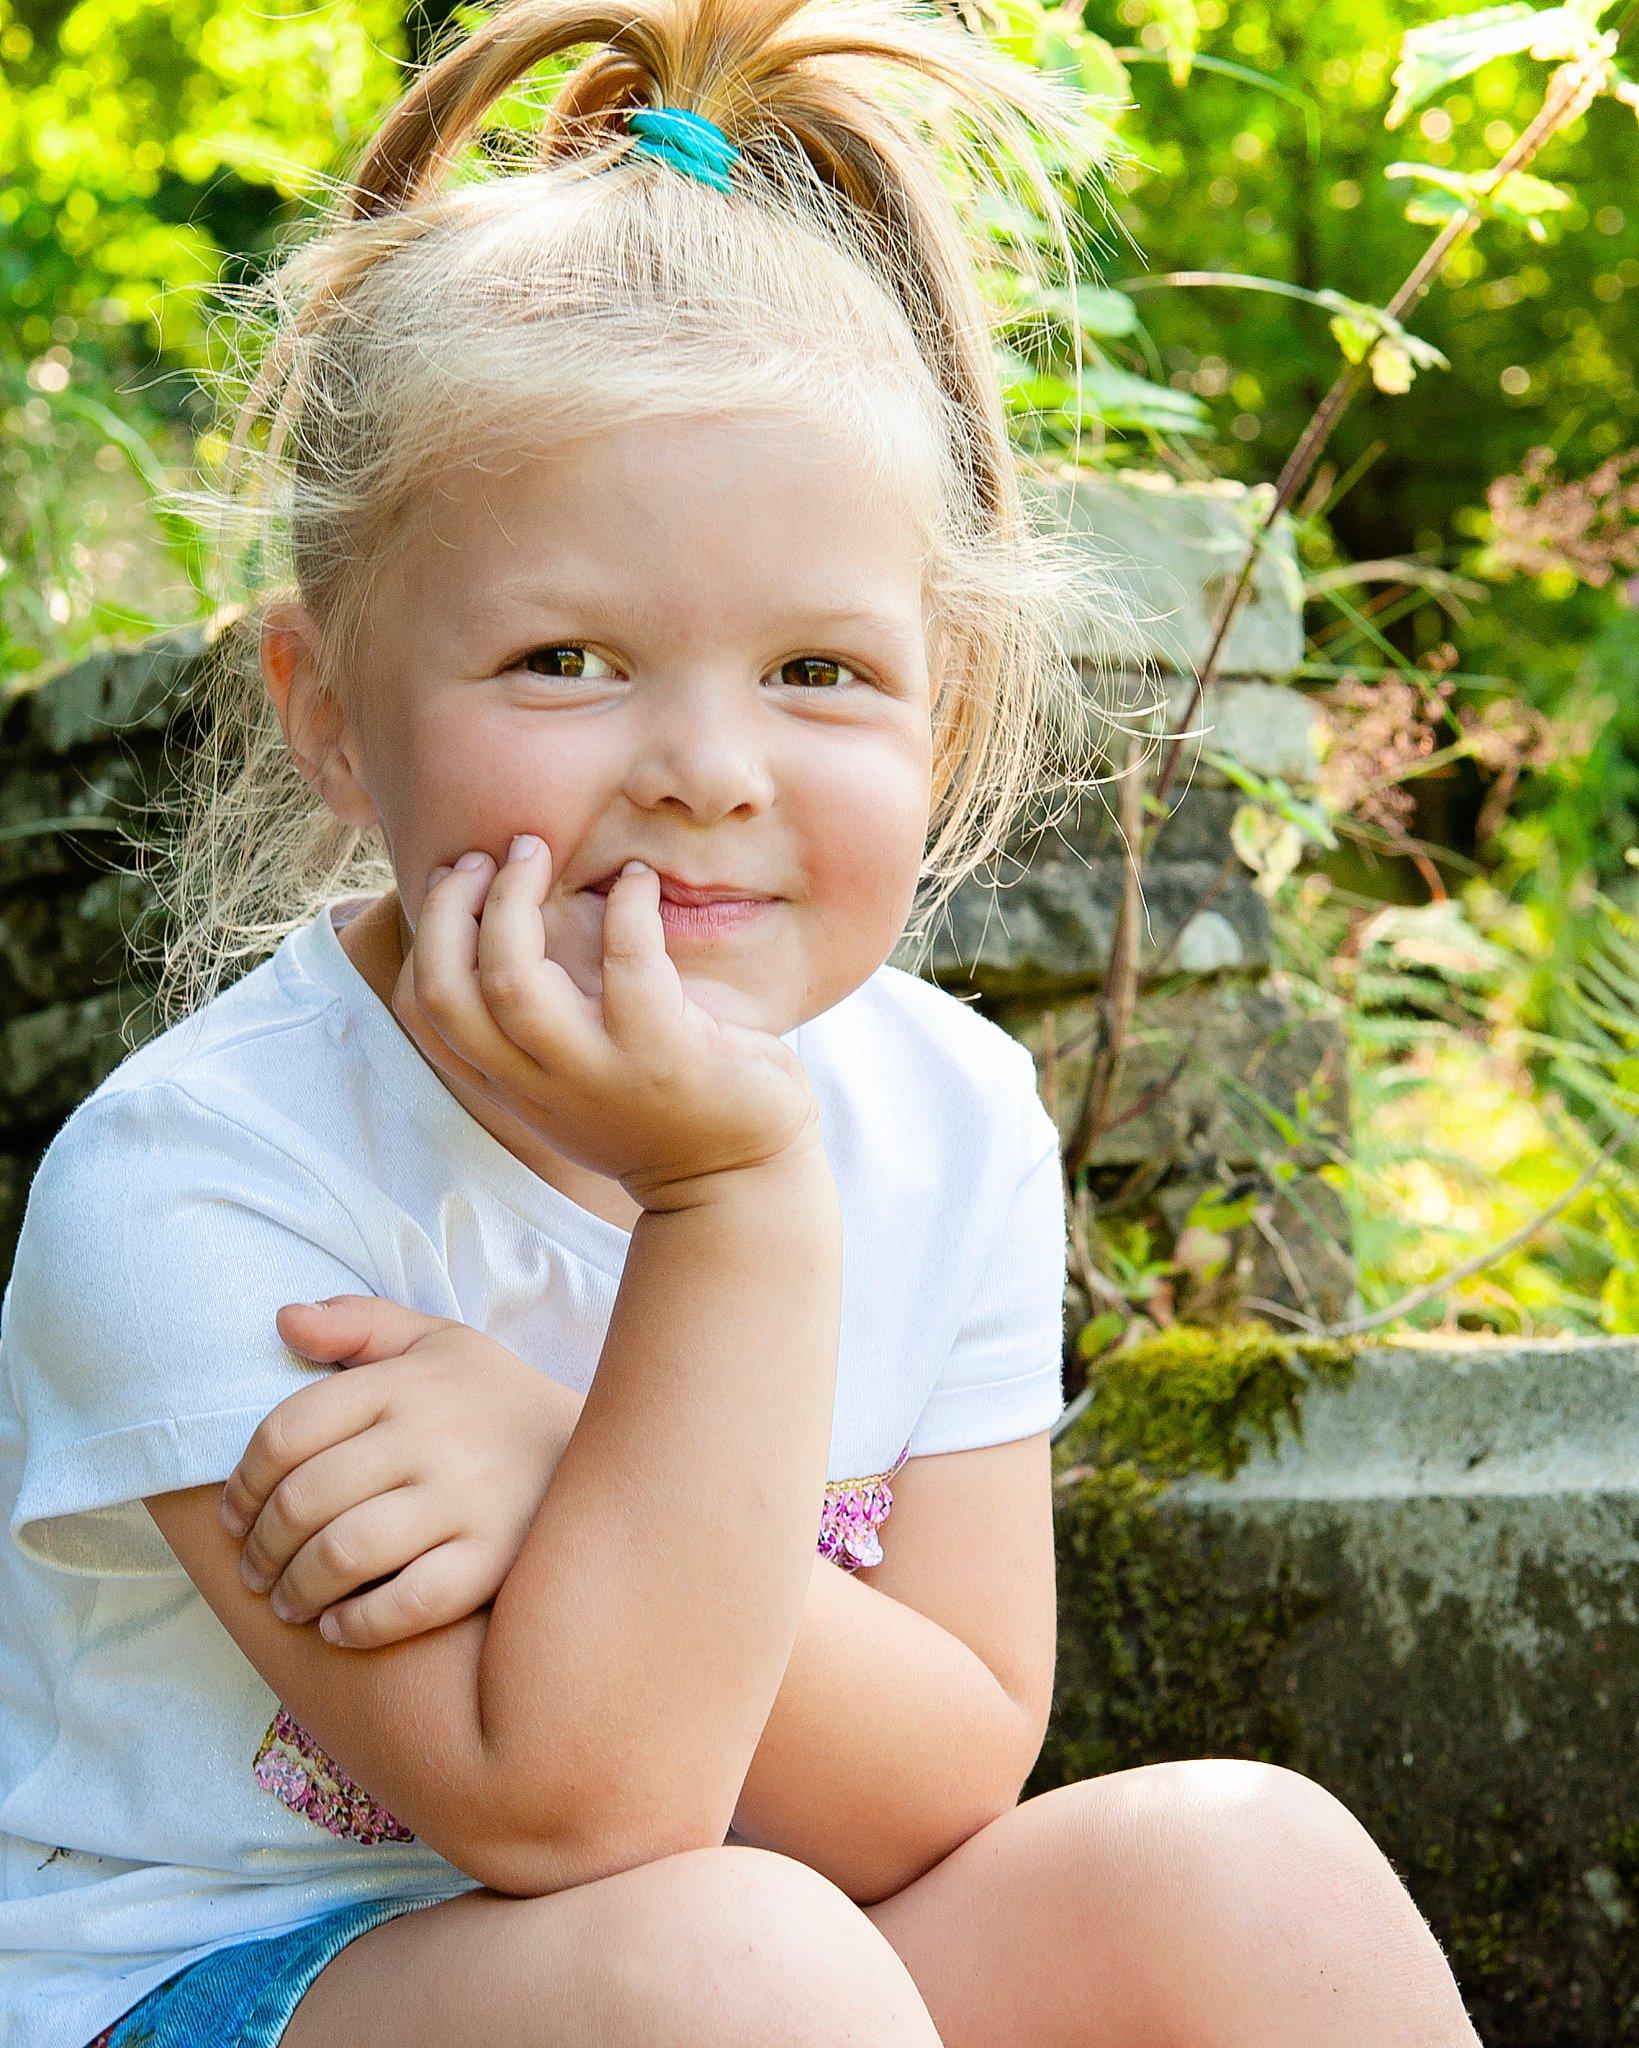 Family_portraits_Family_photographer_family_photography>out_door_photo_shhoots_family_photo_shoots_photographers_near_me Sarah_bee_photography_1307.jpg